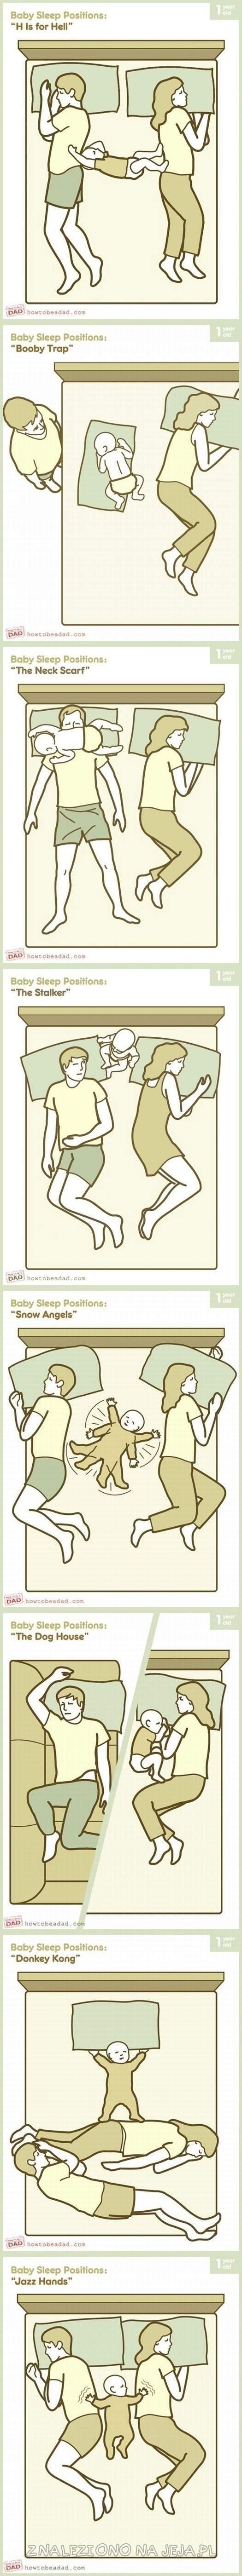 Pozycje dziecka śpiącego z rodzicami